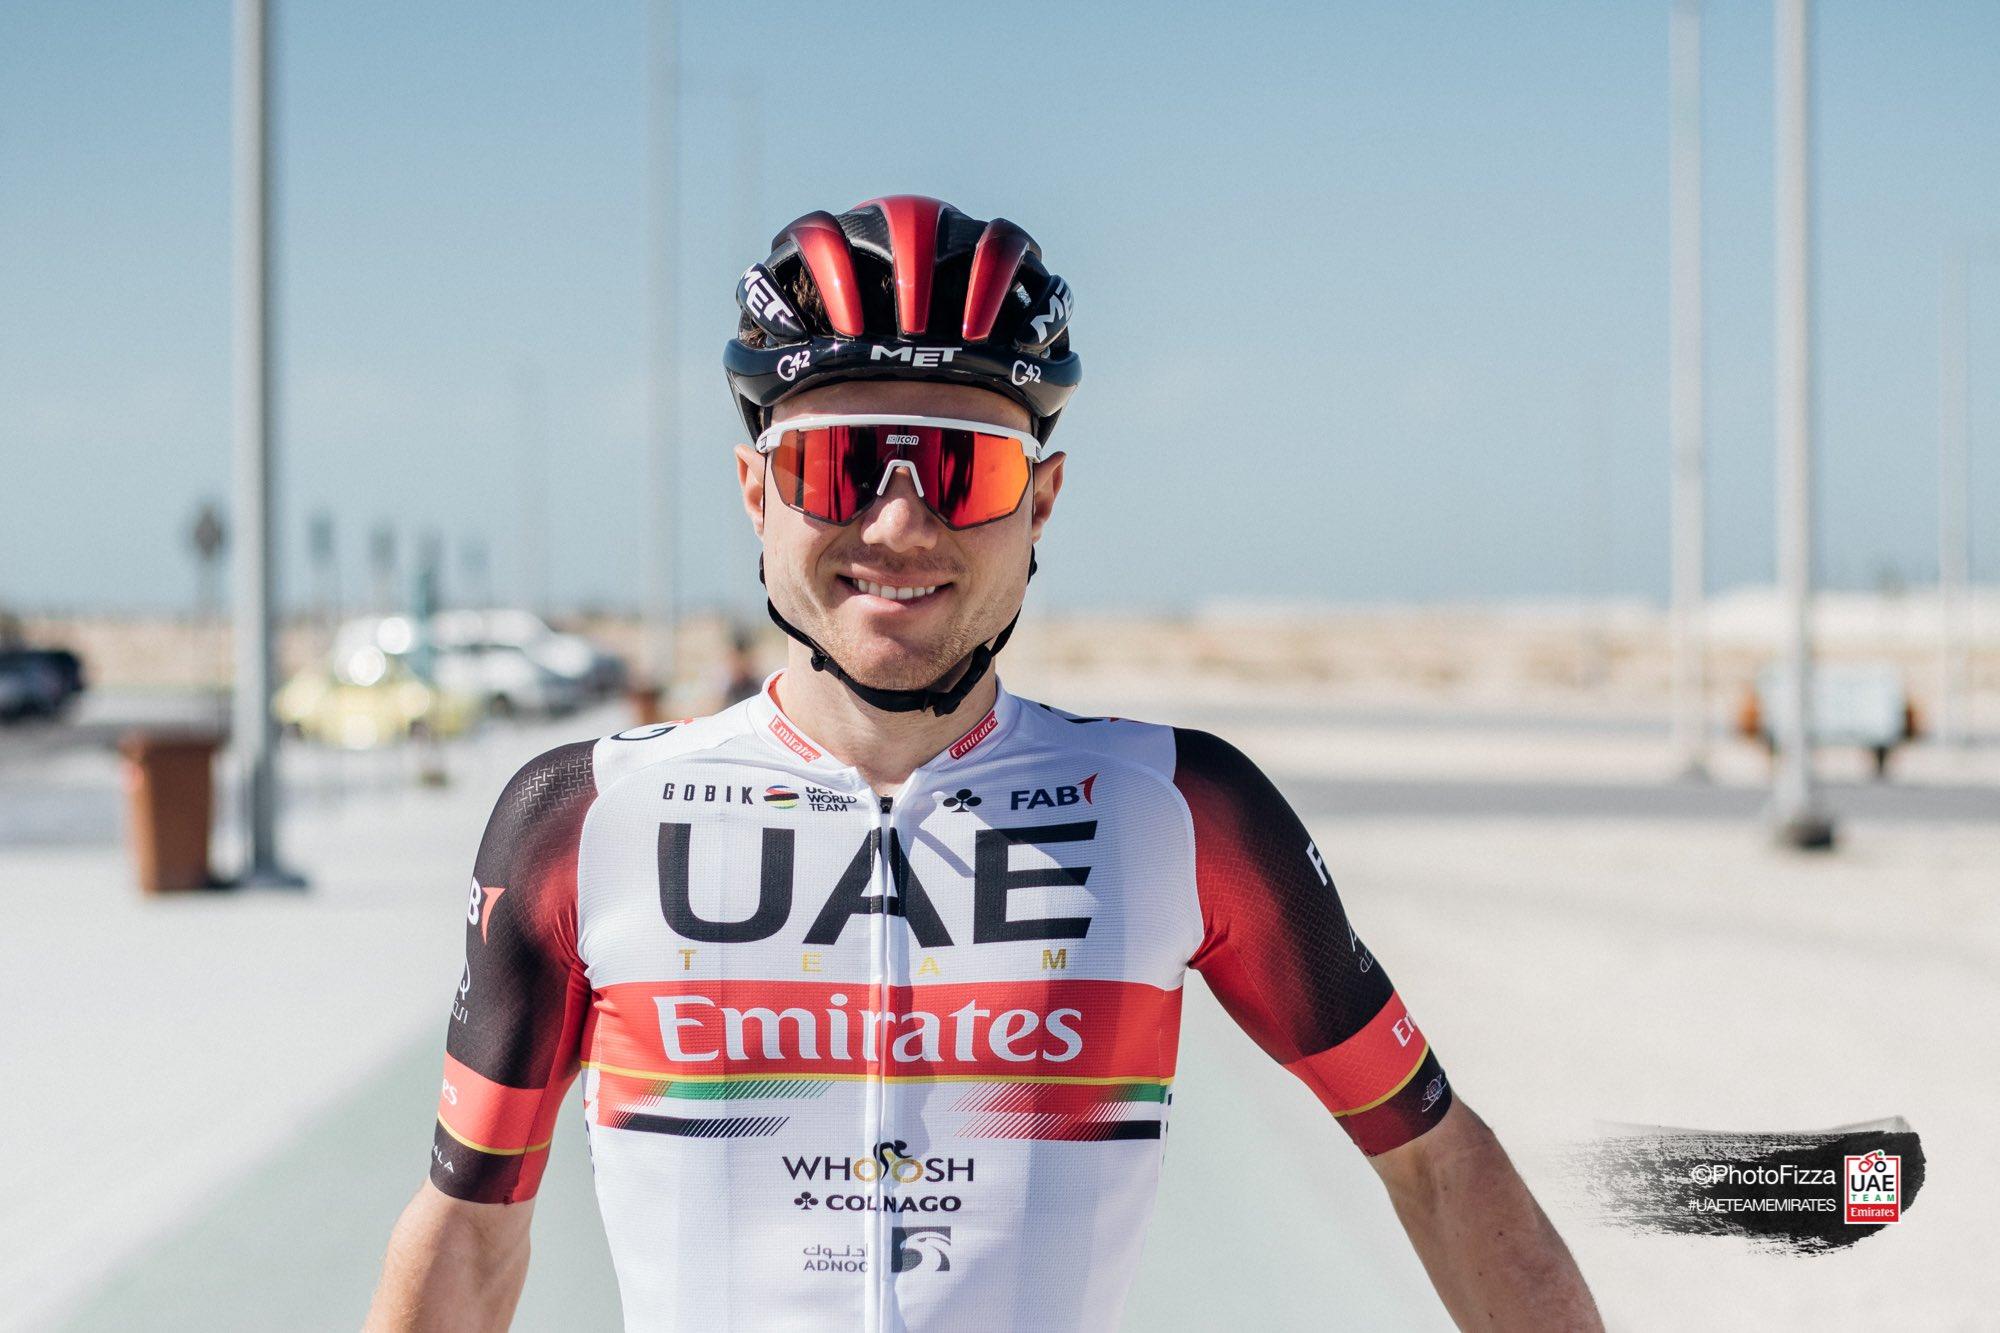 Terminem os rumores, Marc Hirschi é ciclista da UAE Emirates por 3 temporadas!